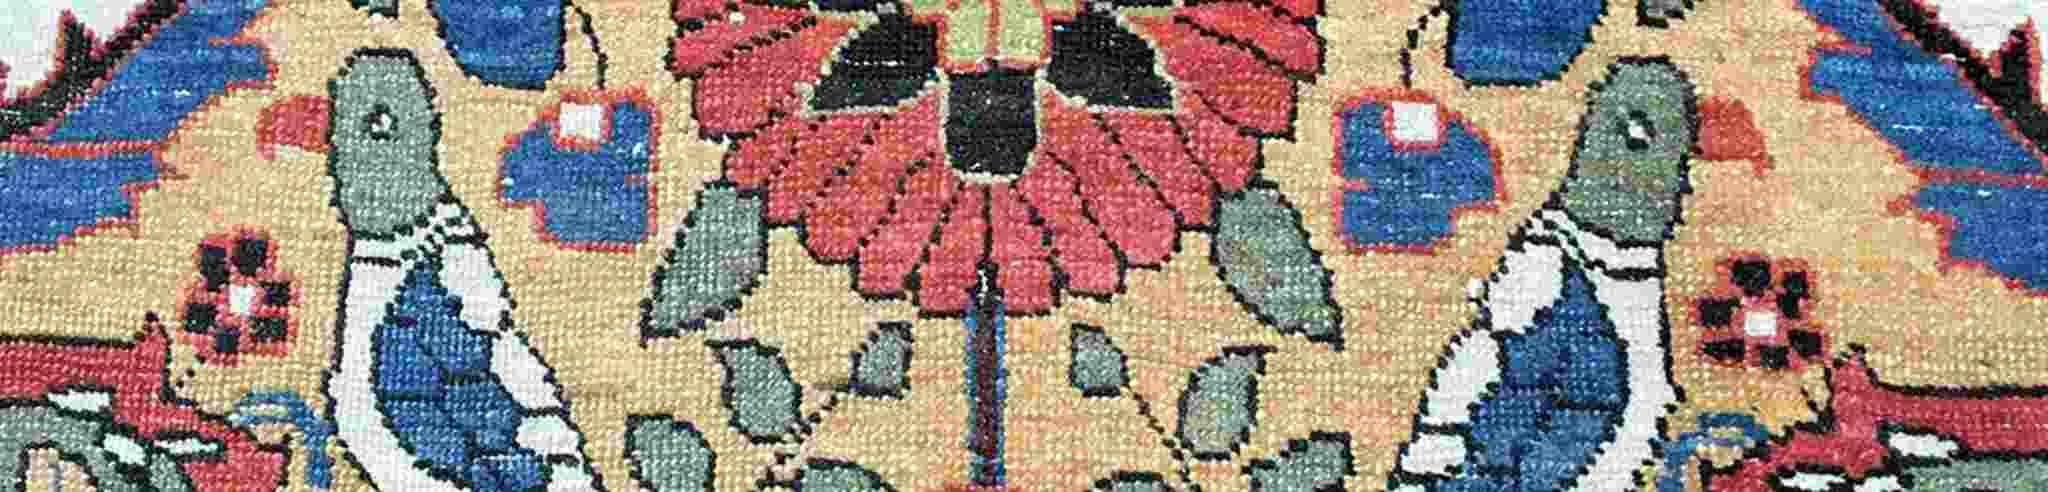 Orientteppich Ankauf und Teppich Ankauf in Hessen